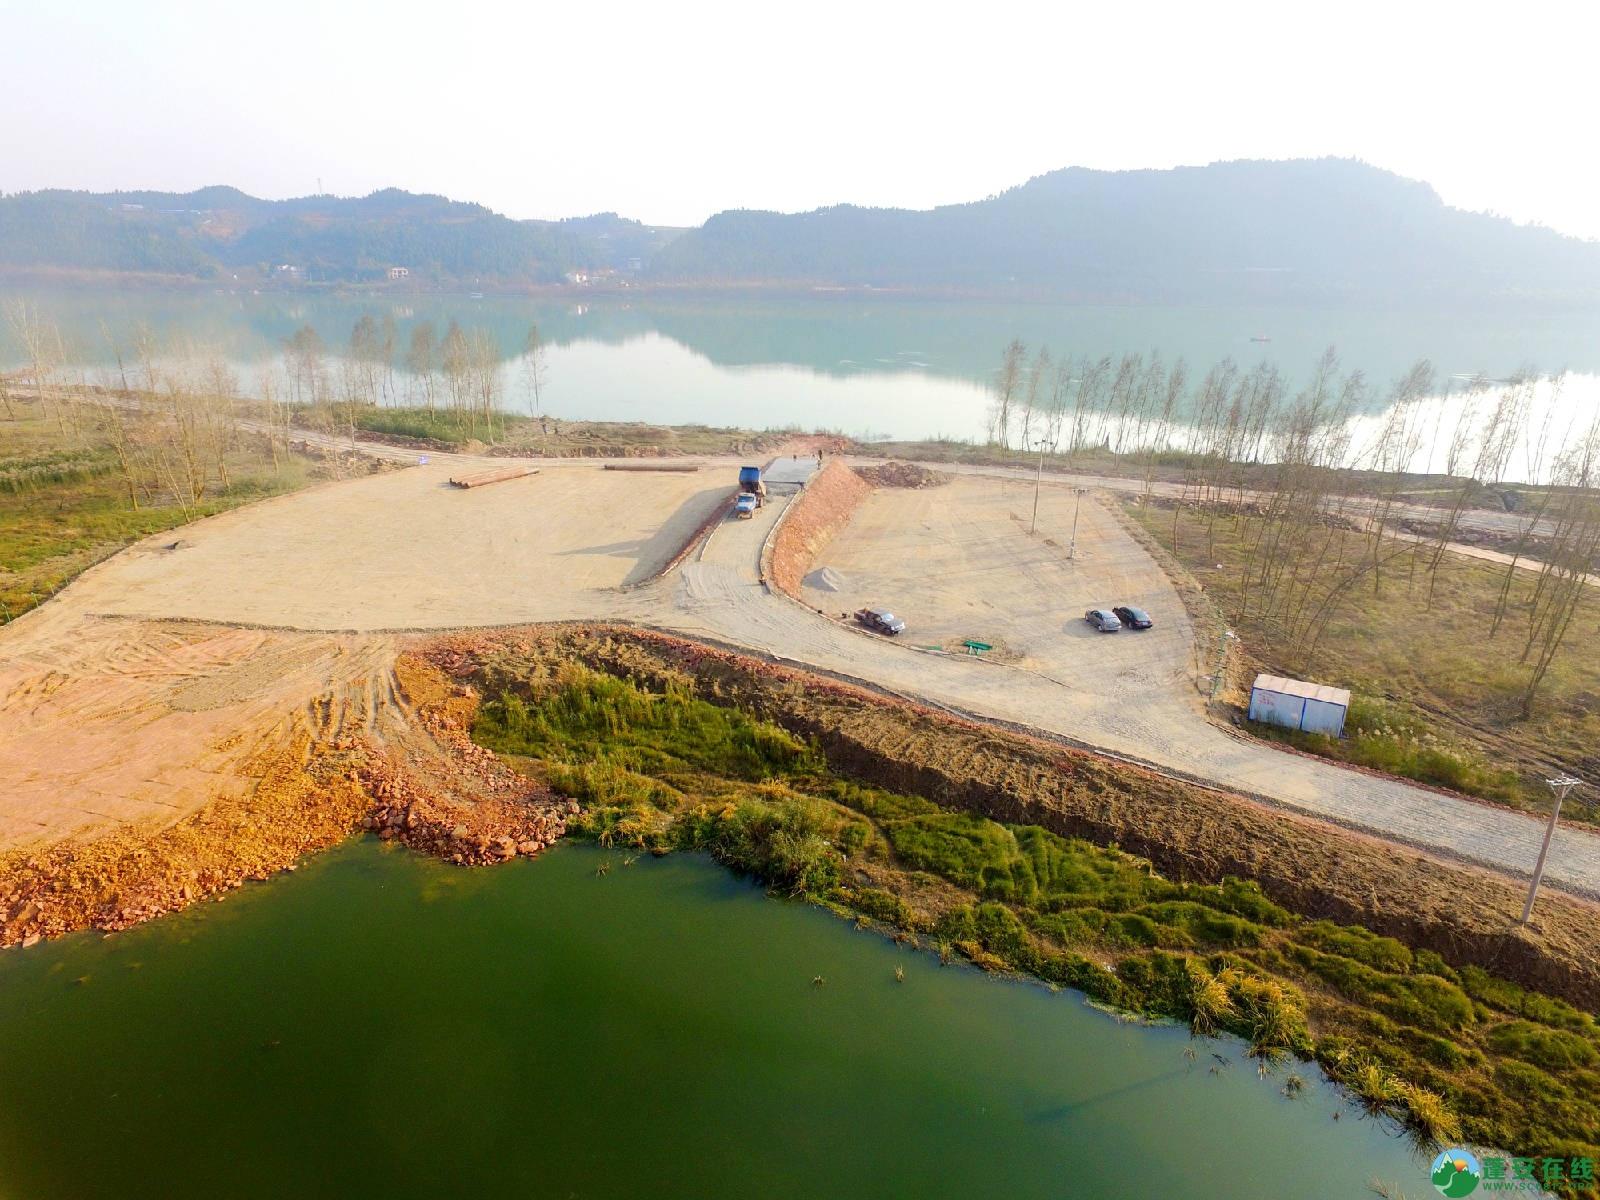 顺蓬营一级公路蓬安锦屏段正在施工嘉陵江三桥施工便道 - 第1张  | 蓬安在线